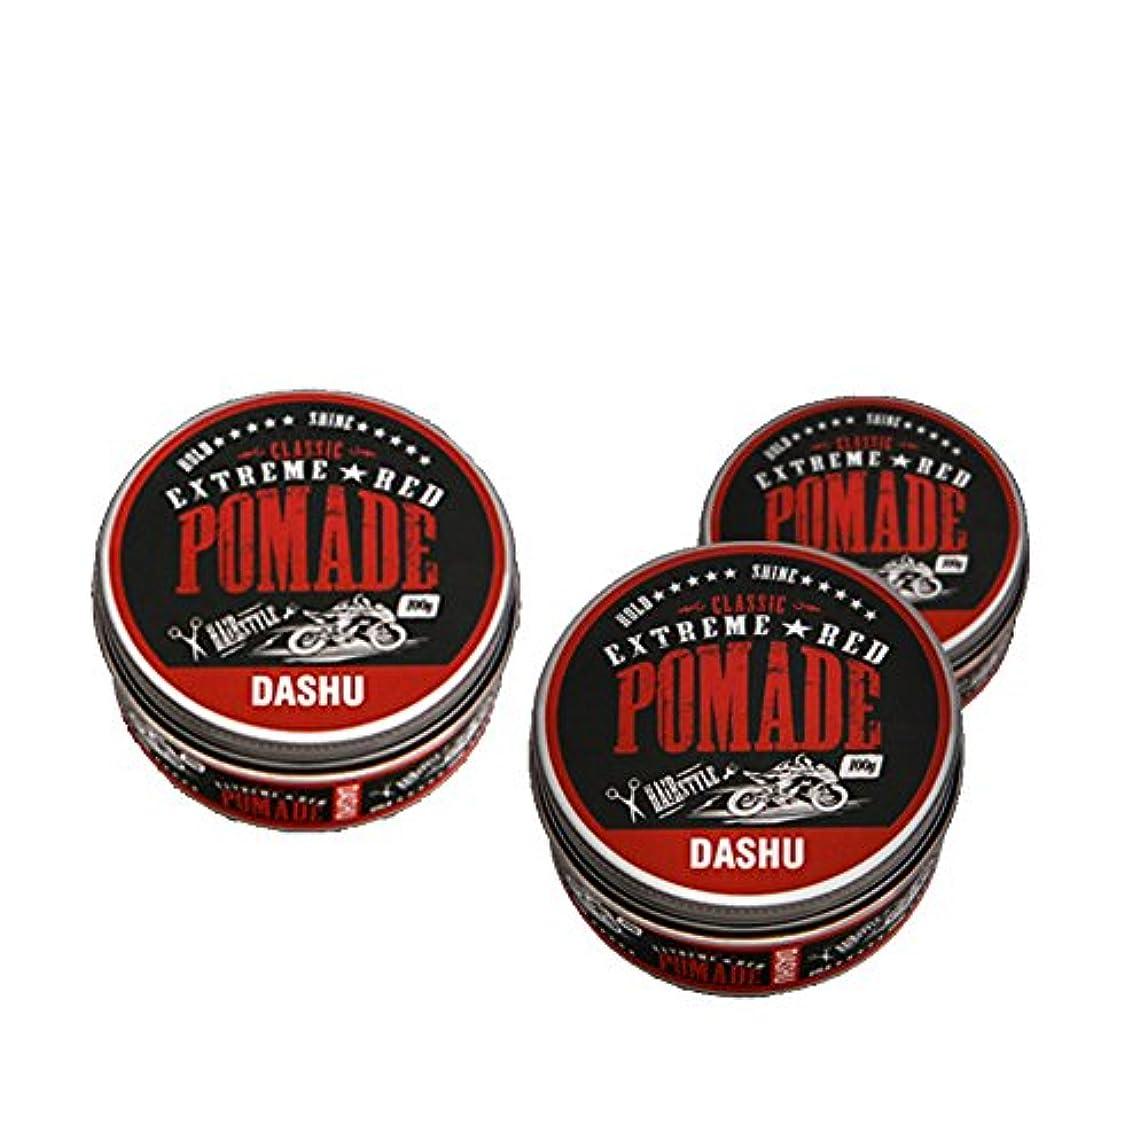 時間とともにバングラデシュ唯一(3個セット) x [DASHU] ダシュ クラシックエクストリームレッドポマード Classic Extreme Red Pomade Hair Wax 100ml / 韓国製 . 韓国直送品